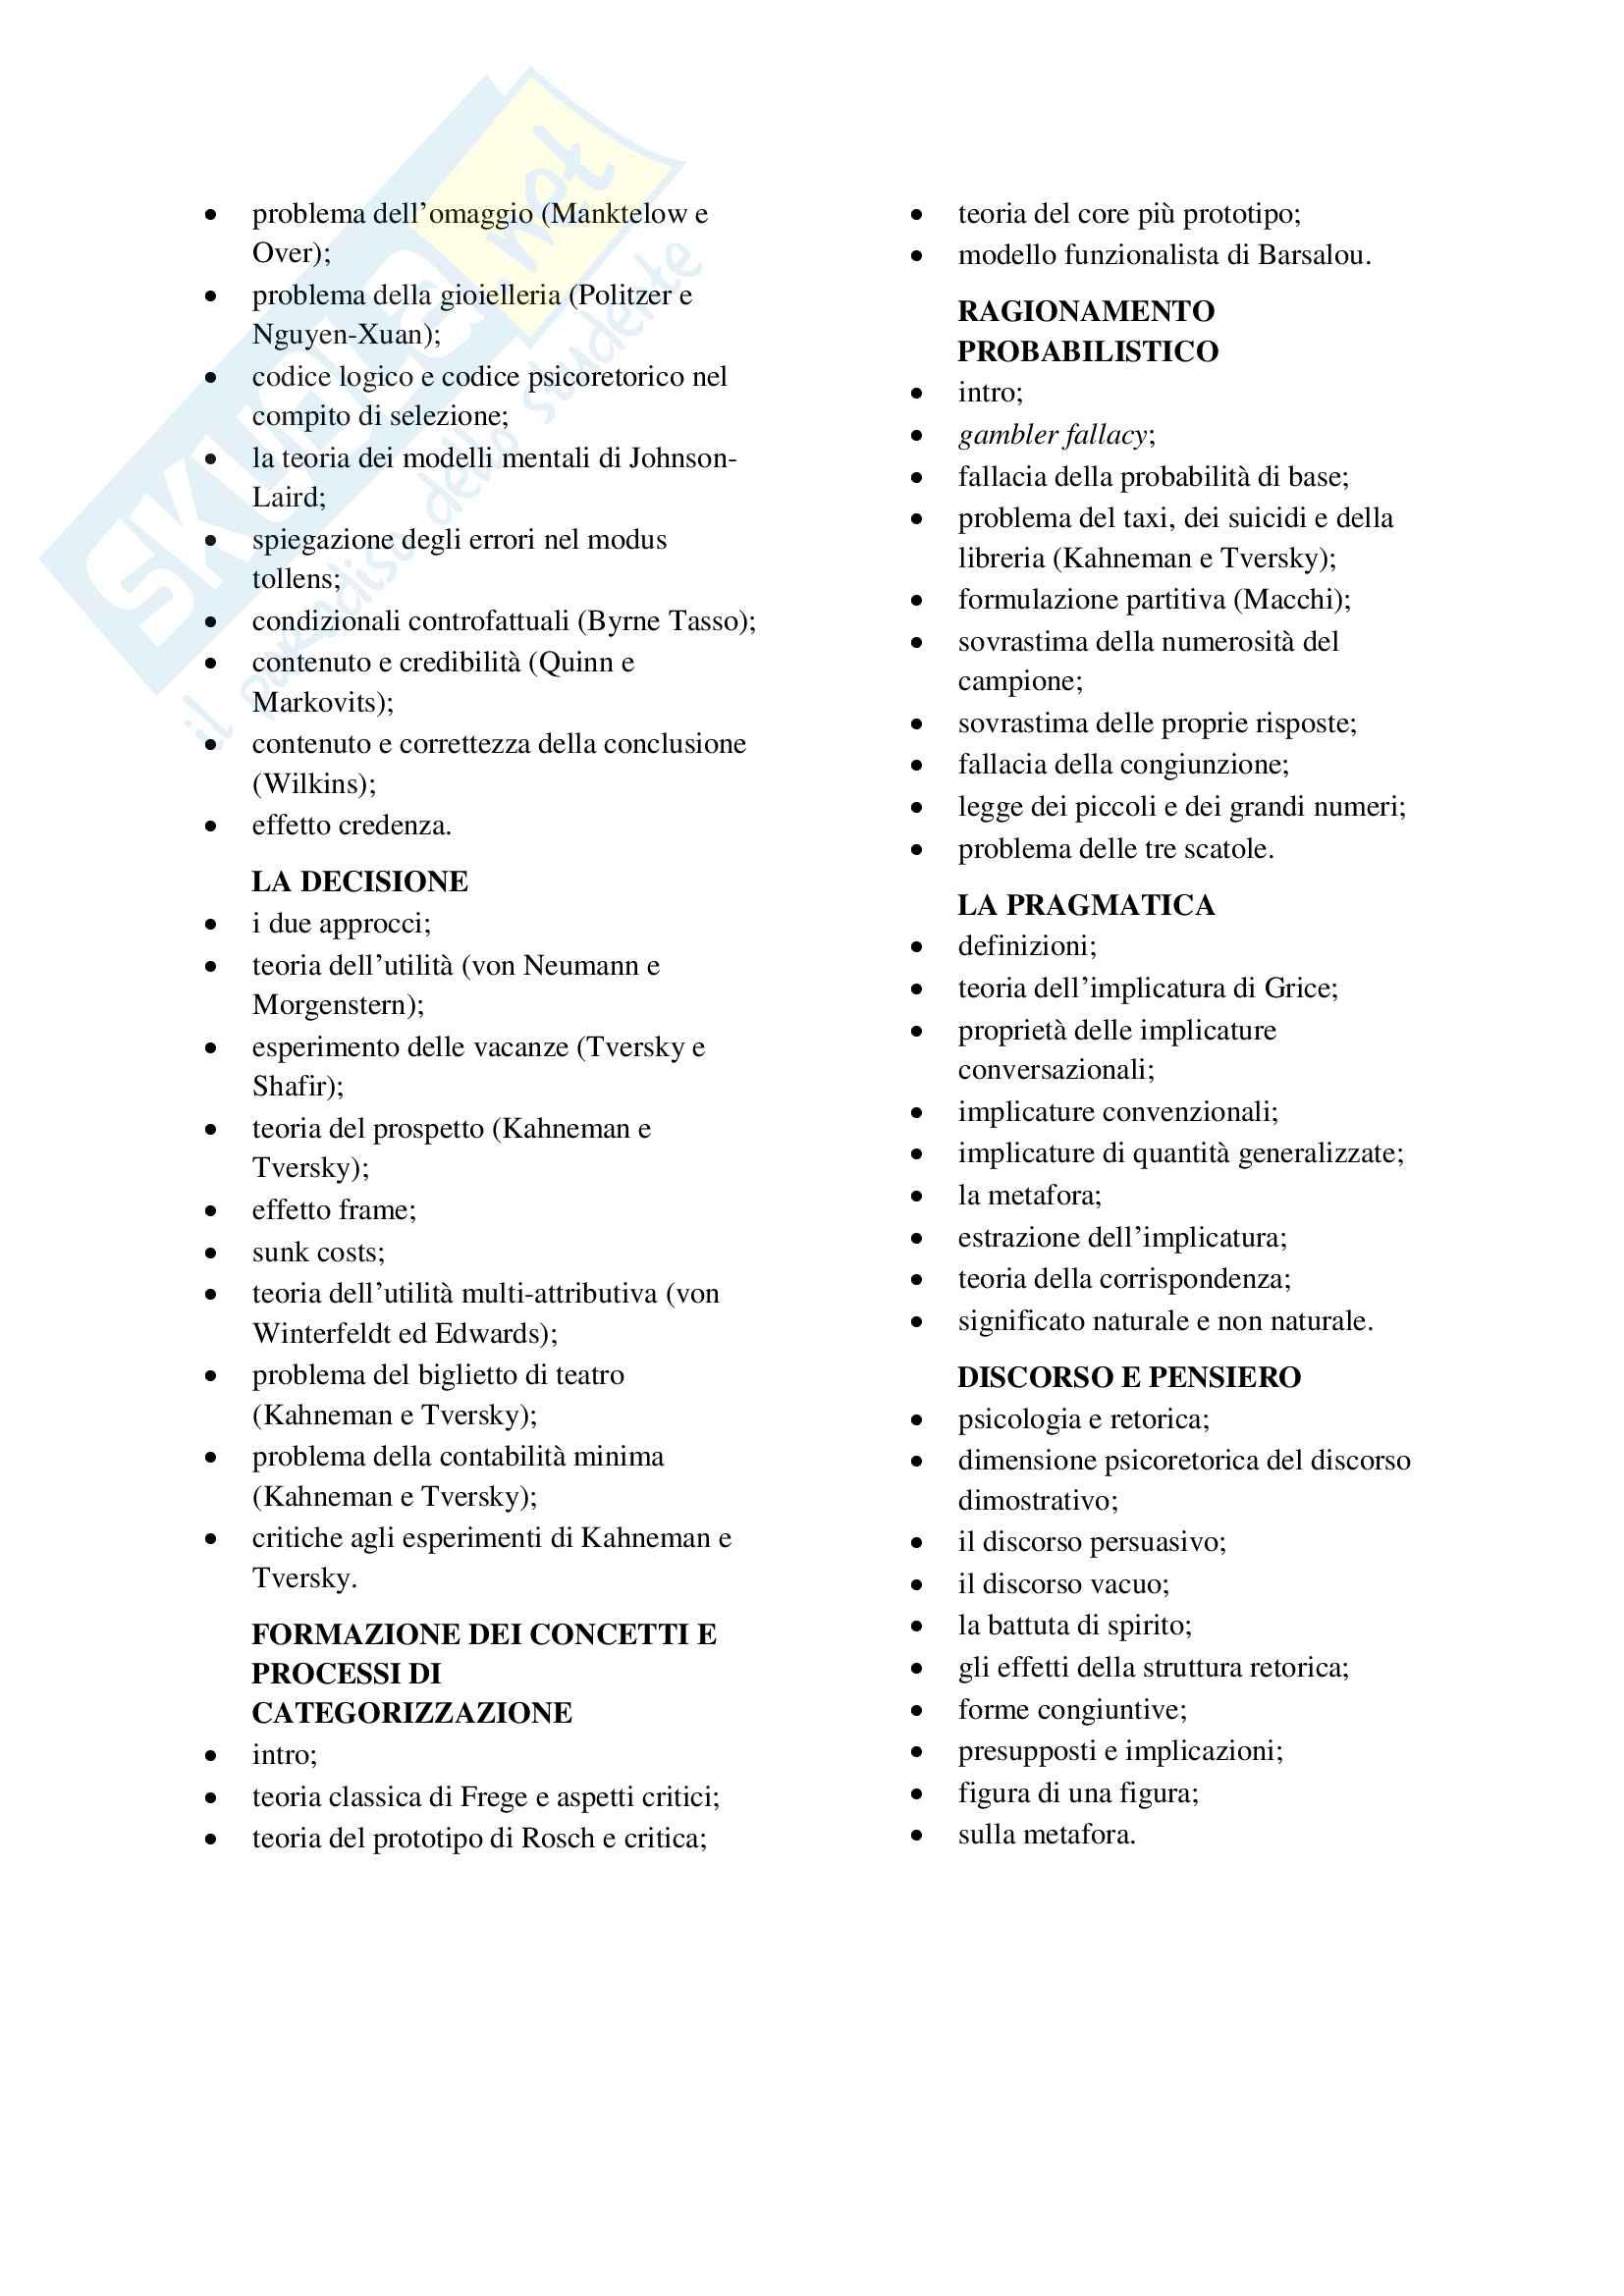 Psicologia Generale 2 - Macchi - 40 pagine - il riassunto perfetto del corso Pag. 2